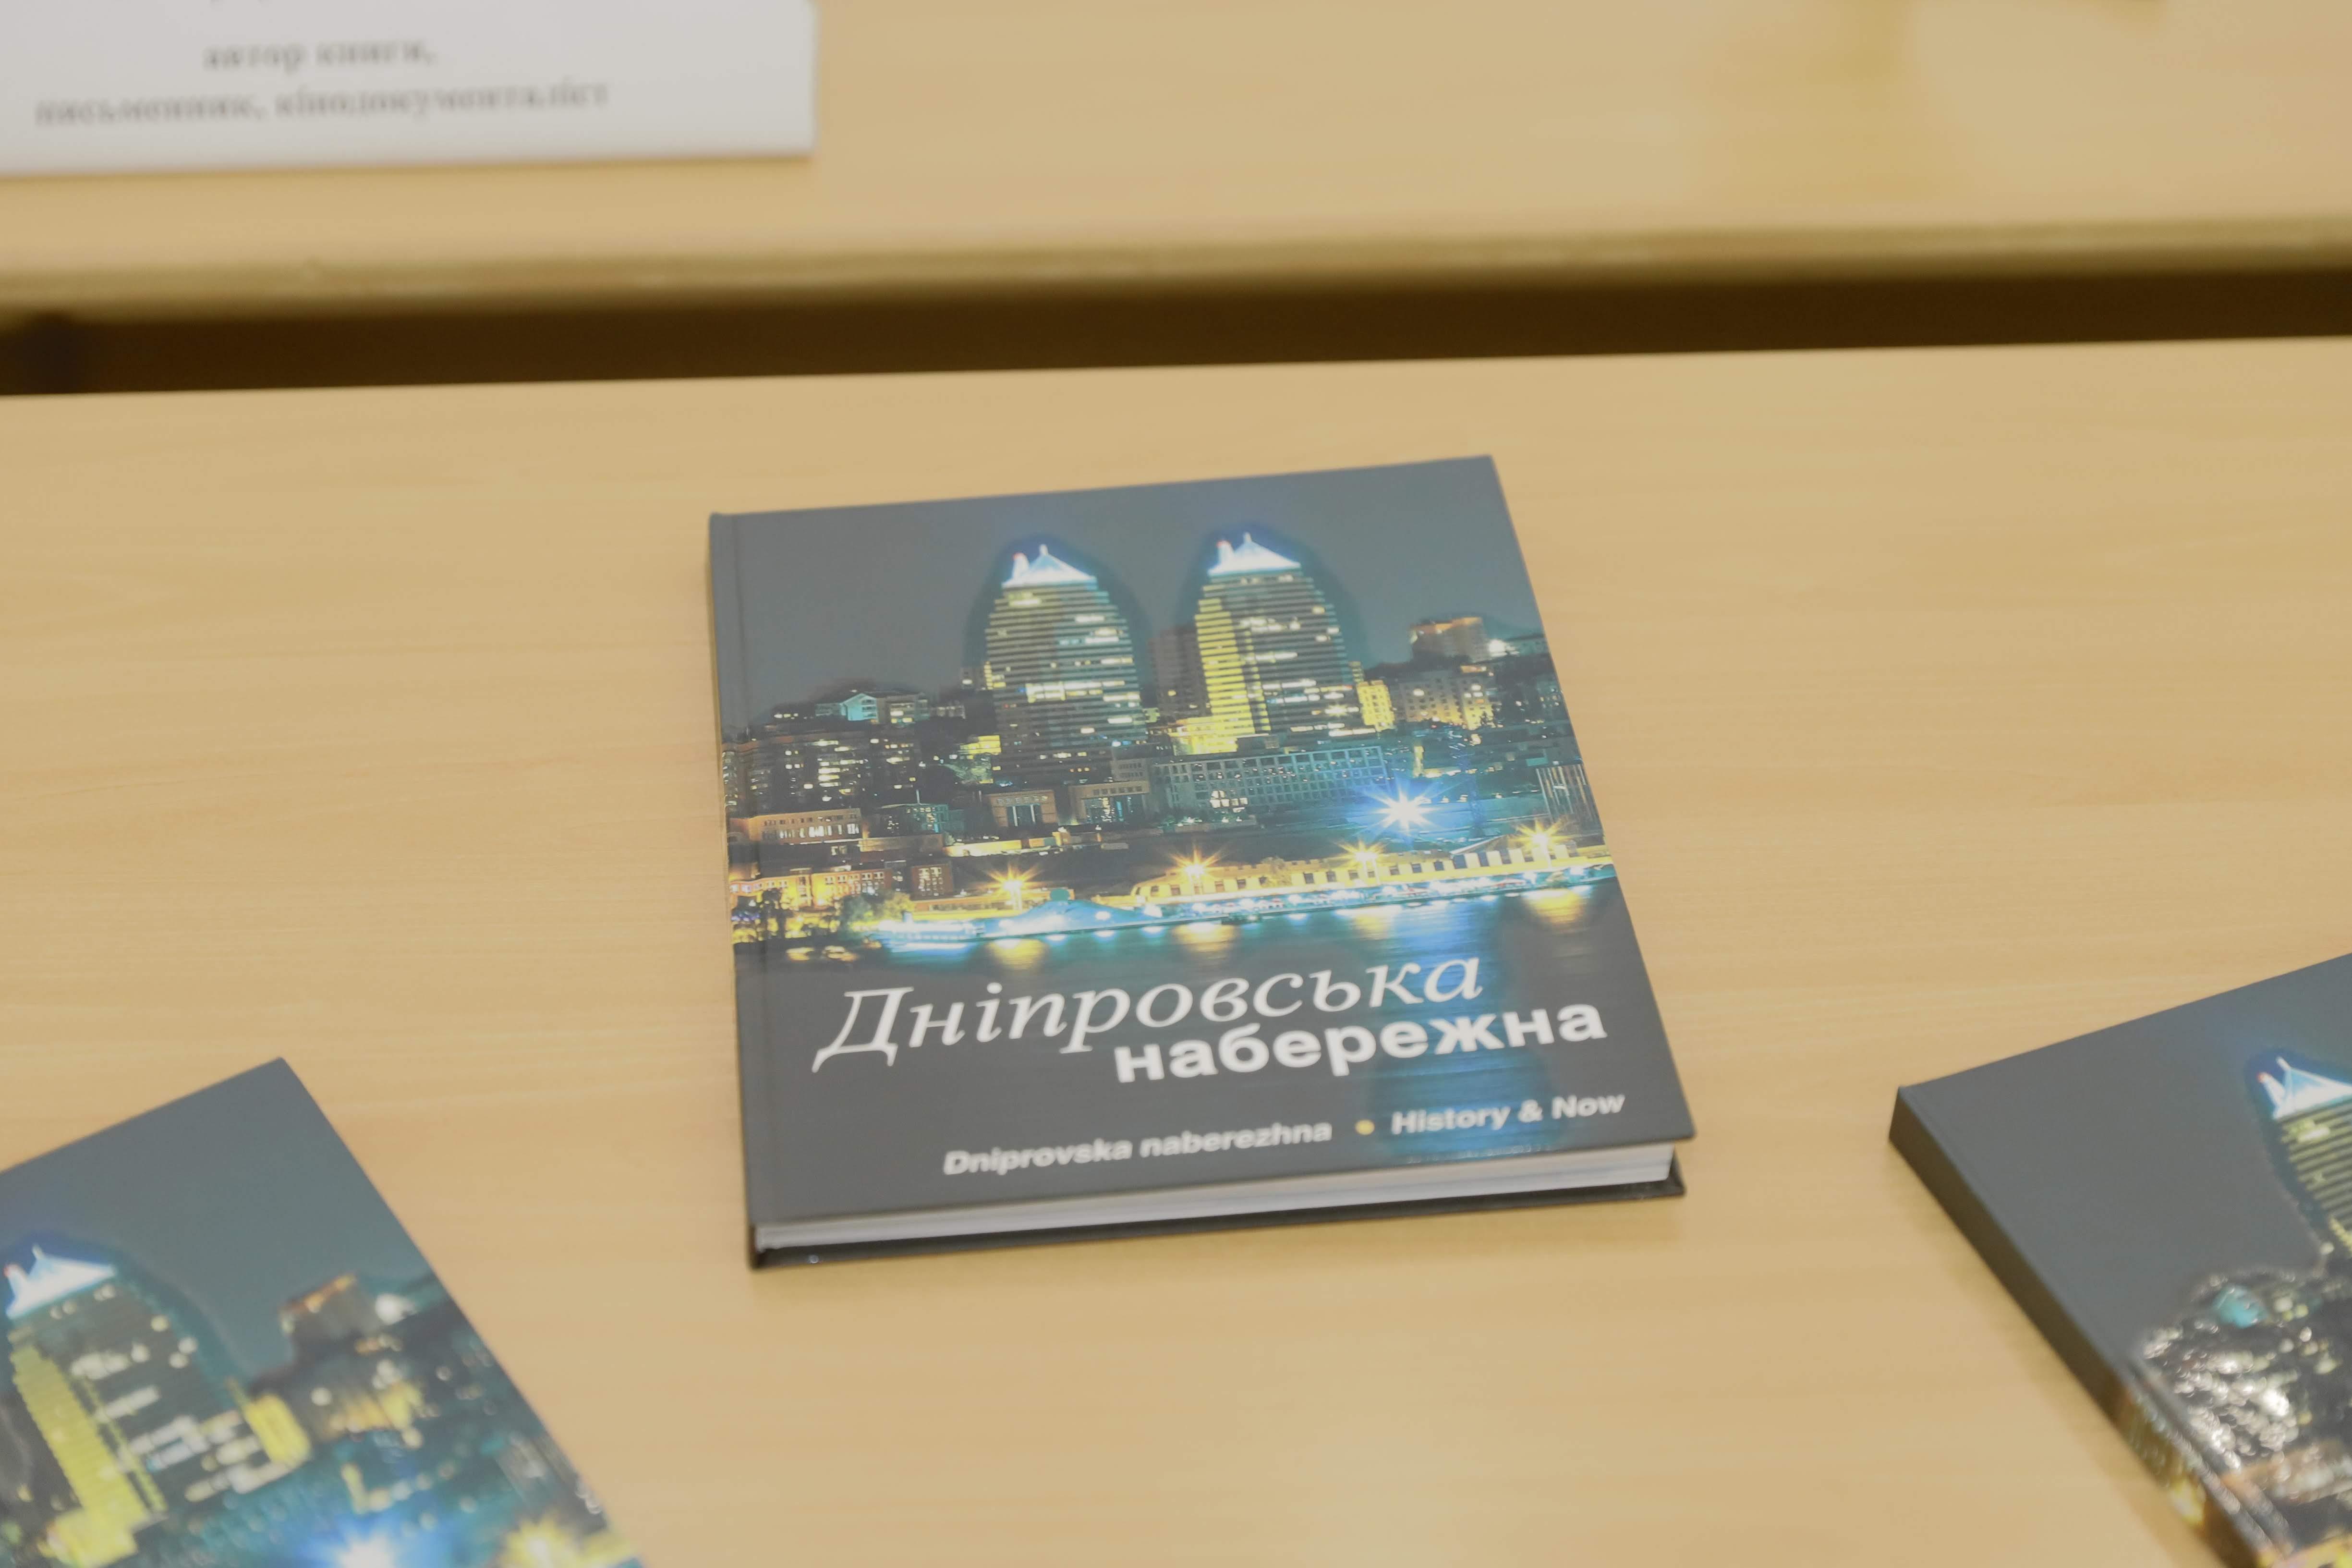 В Днепре представили новую книгу-альбом «Днепровская набережная». Новости Днепра